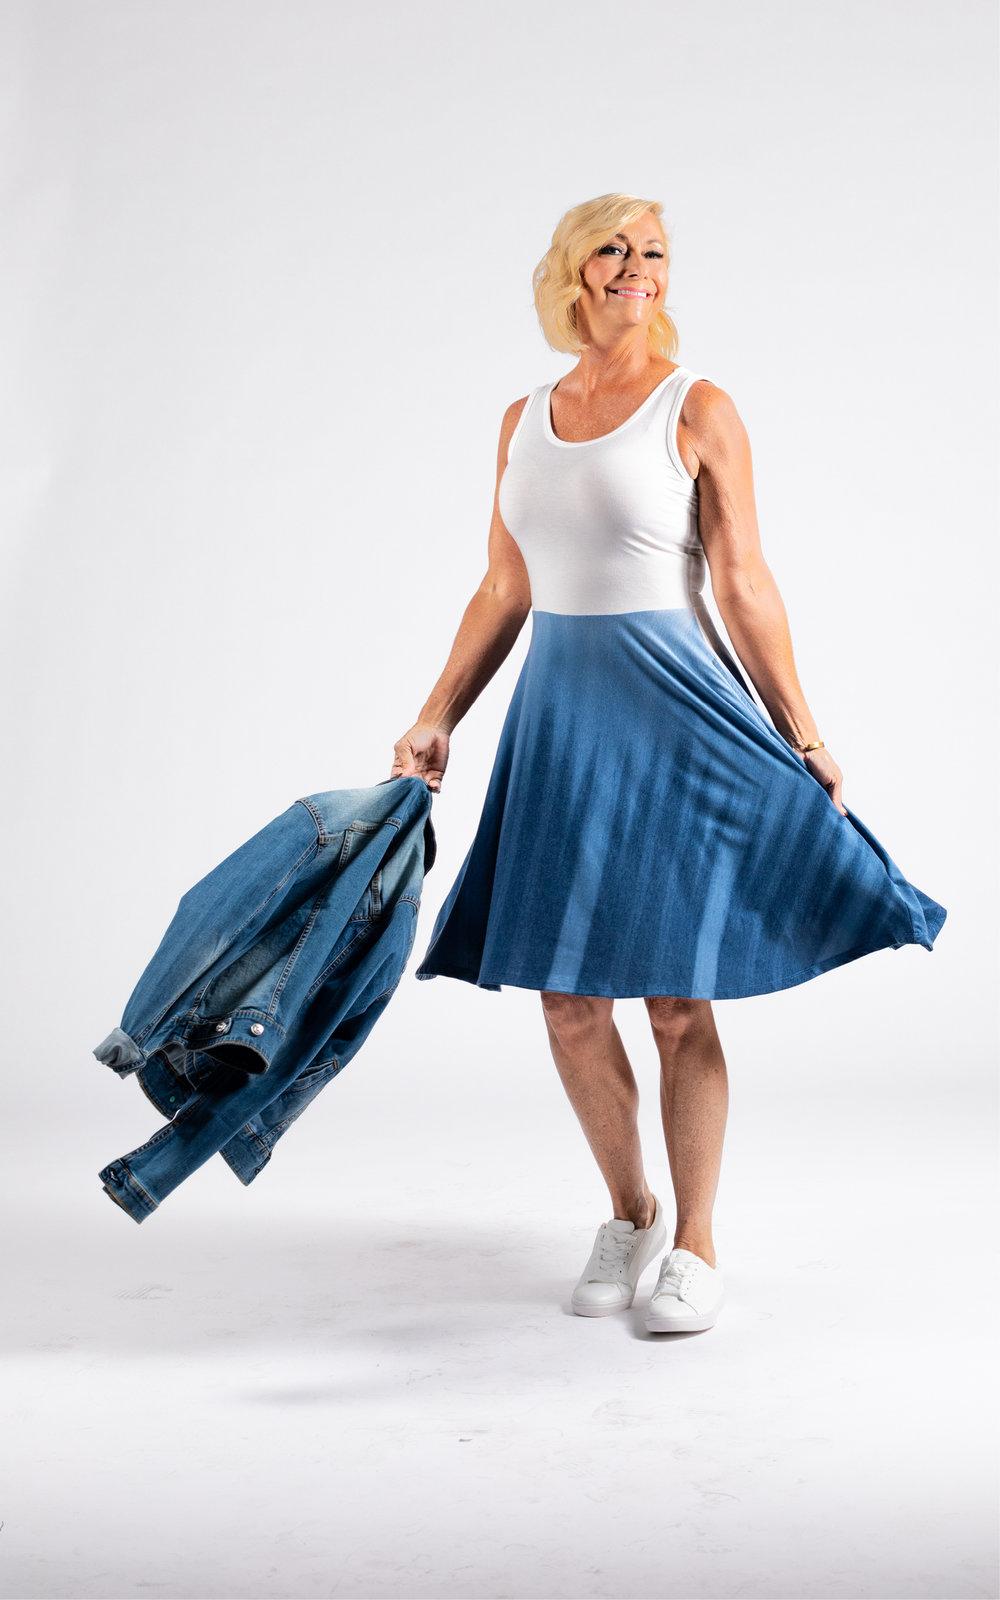 LULAROE-SLEEVELESS-DRESS-NICKI-A LINE SKIRT-TWO TONES-BLUE WHITE.jpg